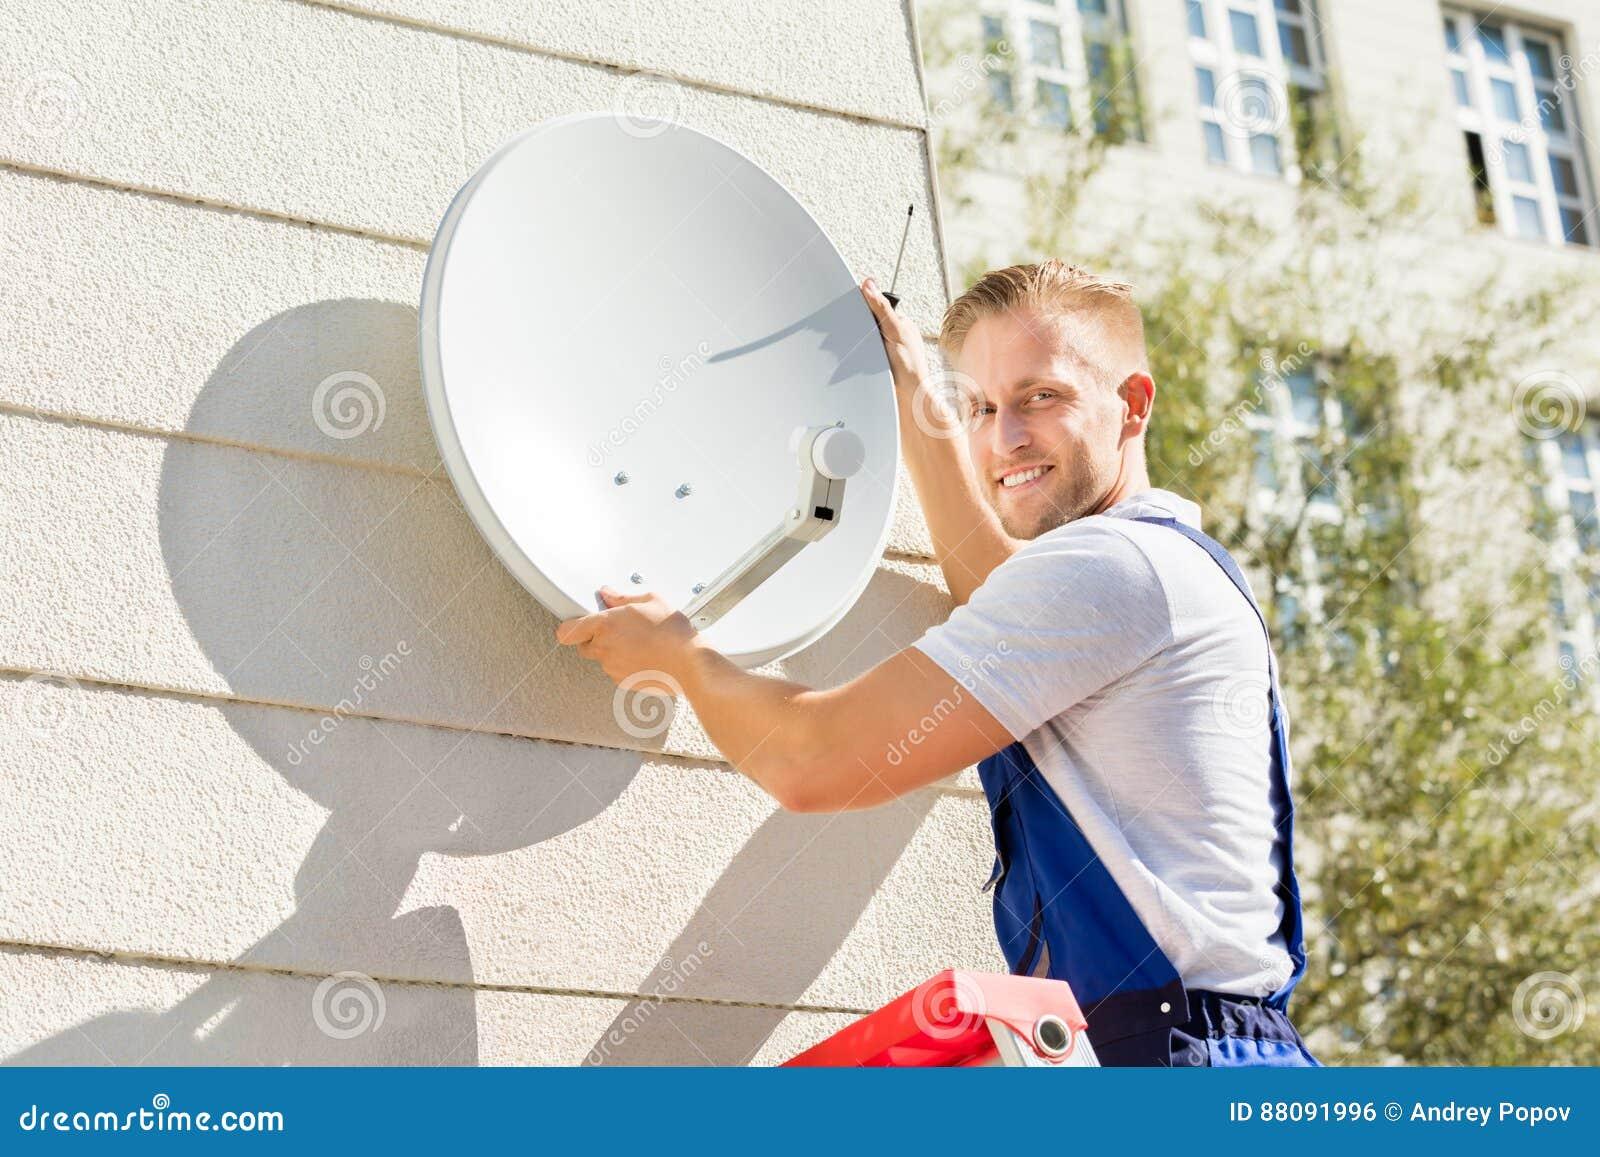 Δορυφορικό πιάτο TV συναρμολογήσεων ατόμων